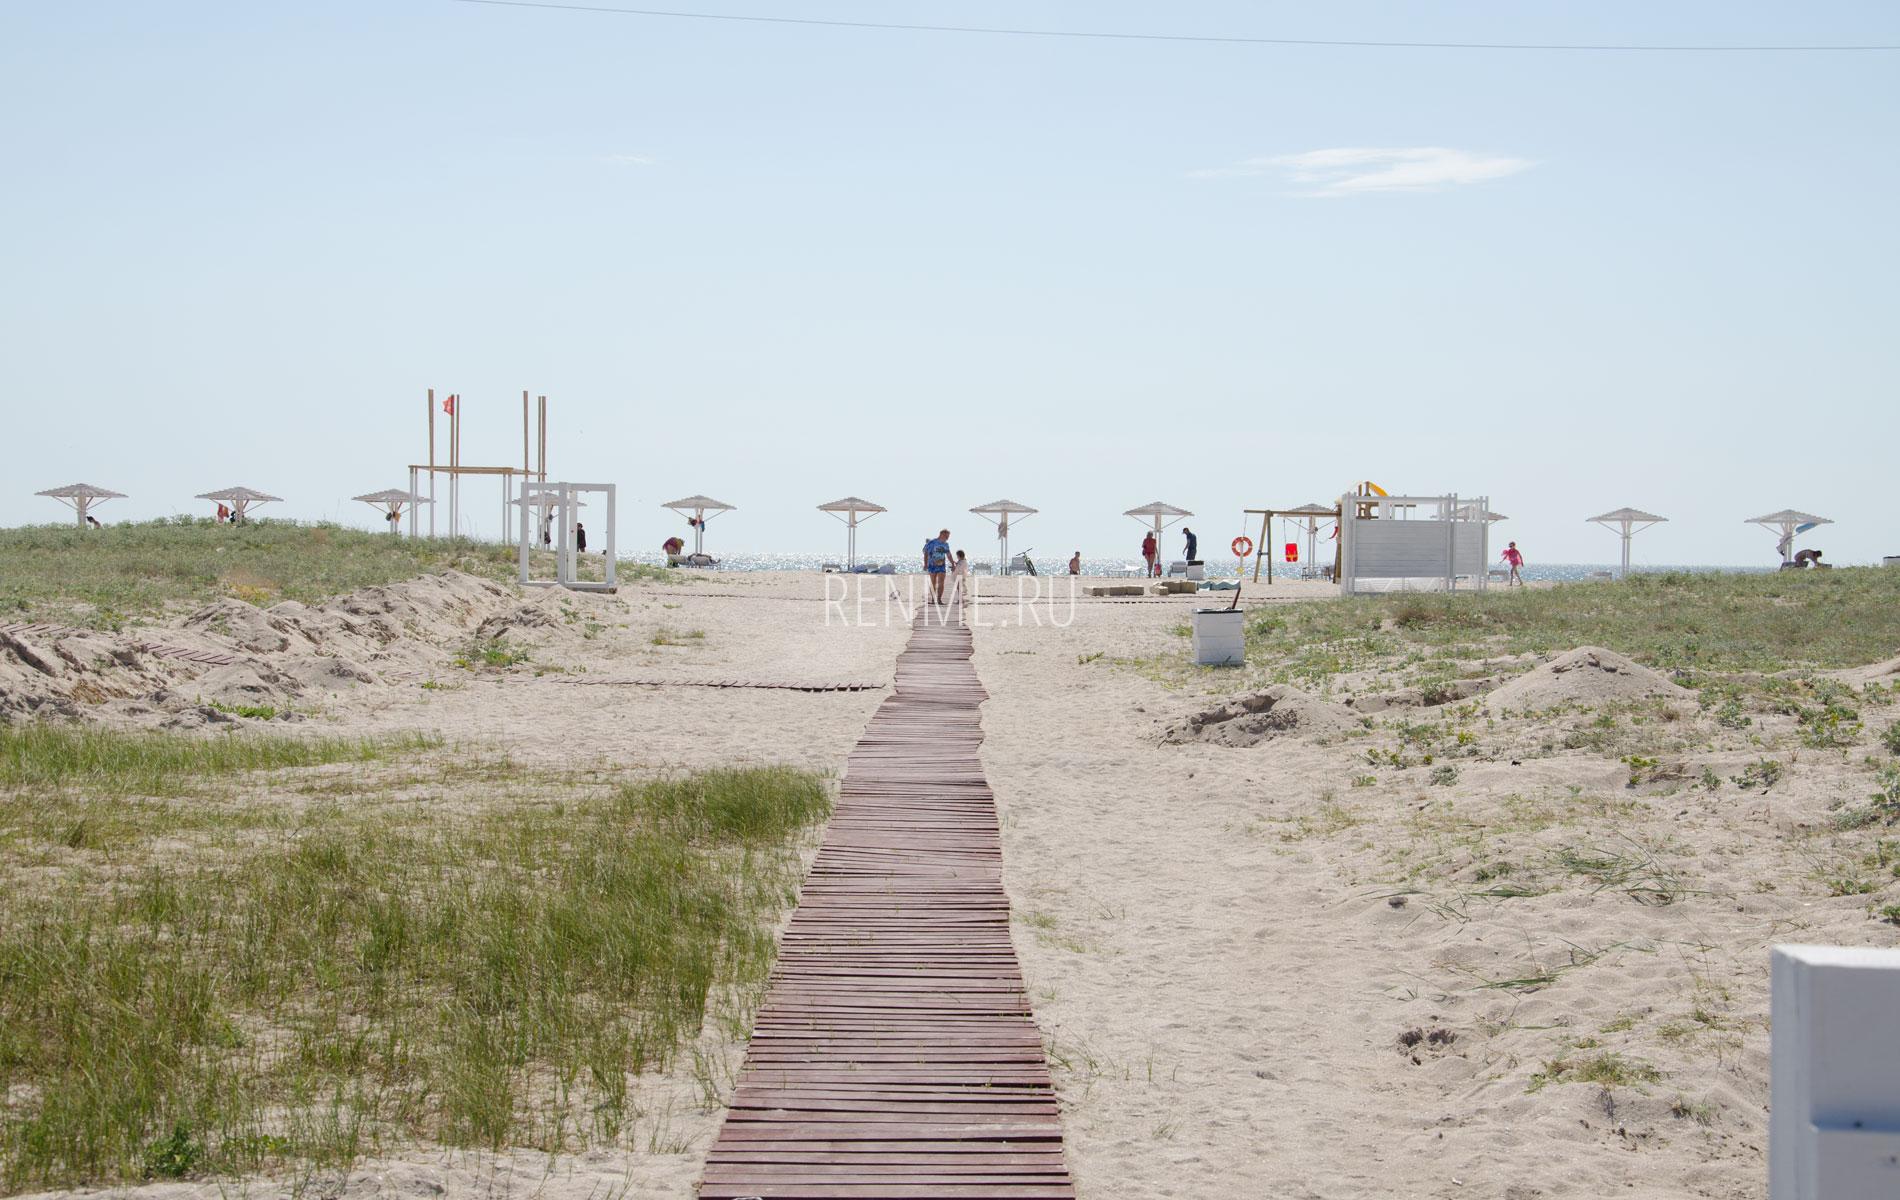 Дорожка к морю на песчаном пляже в Крыму. Фото Оленевки